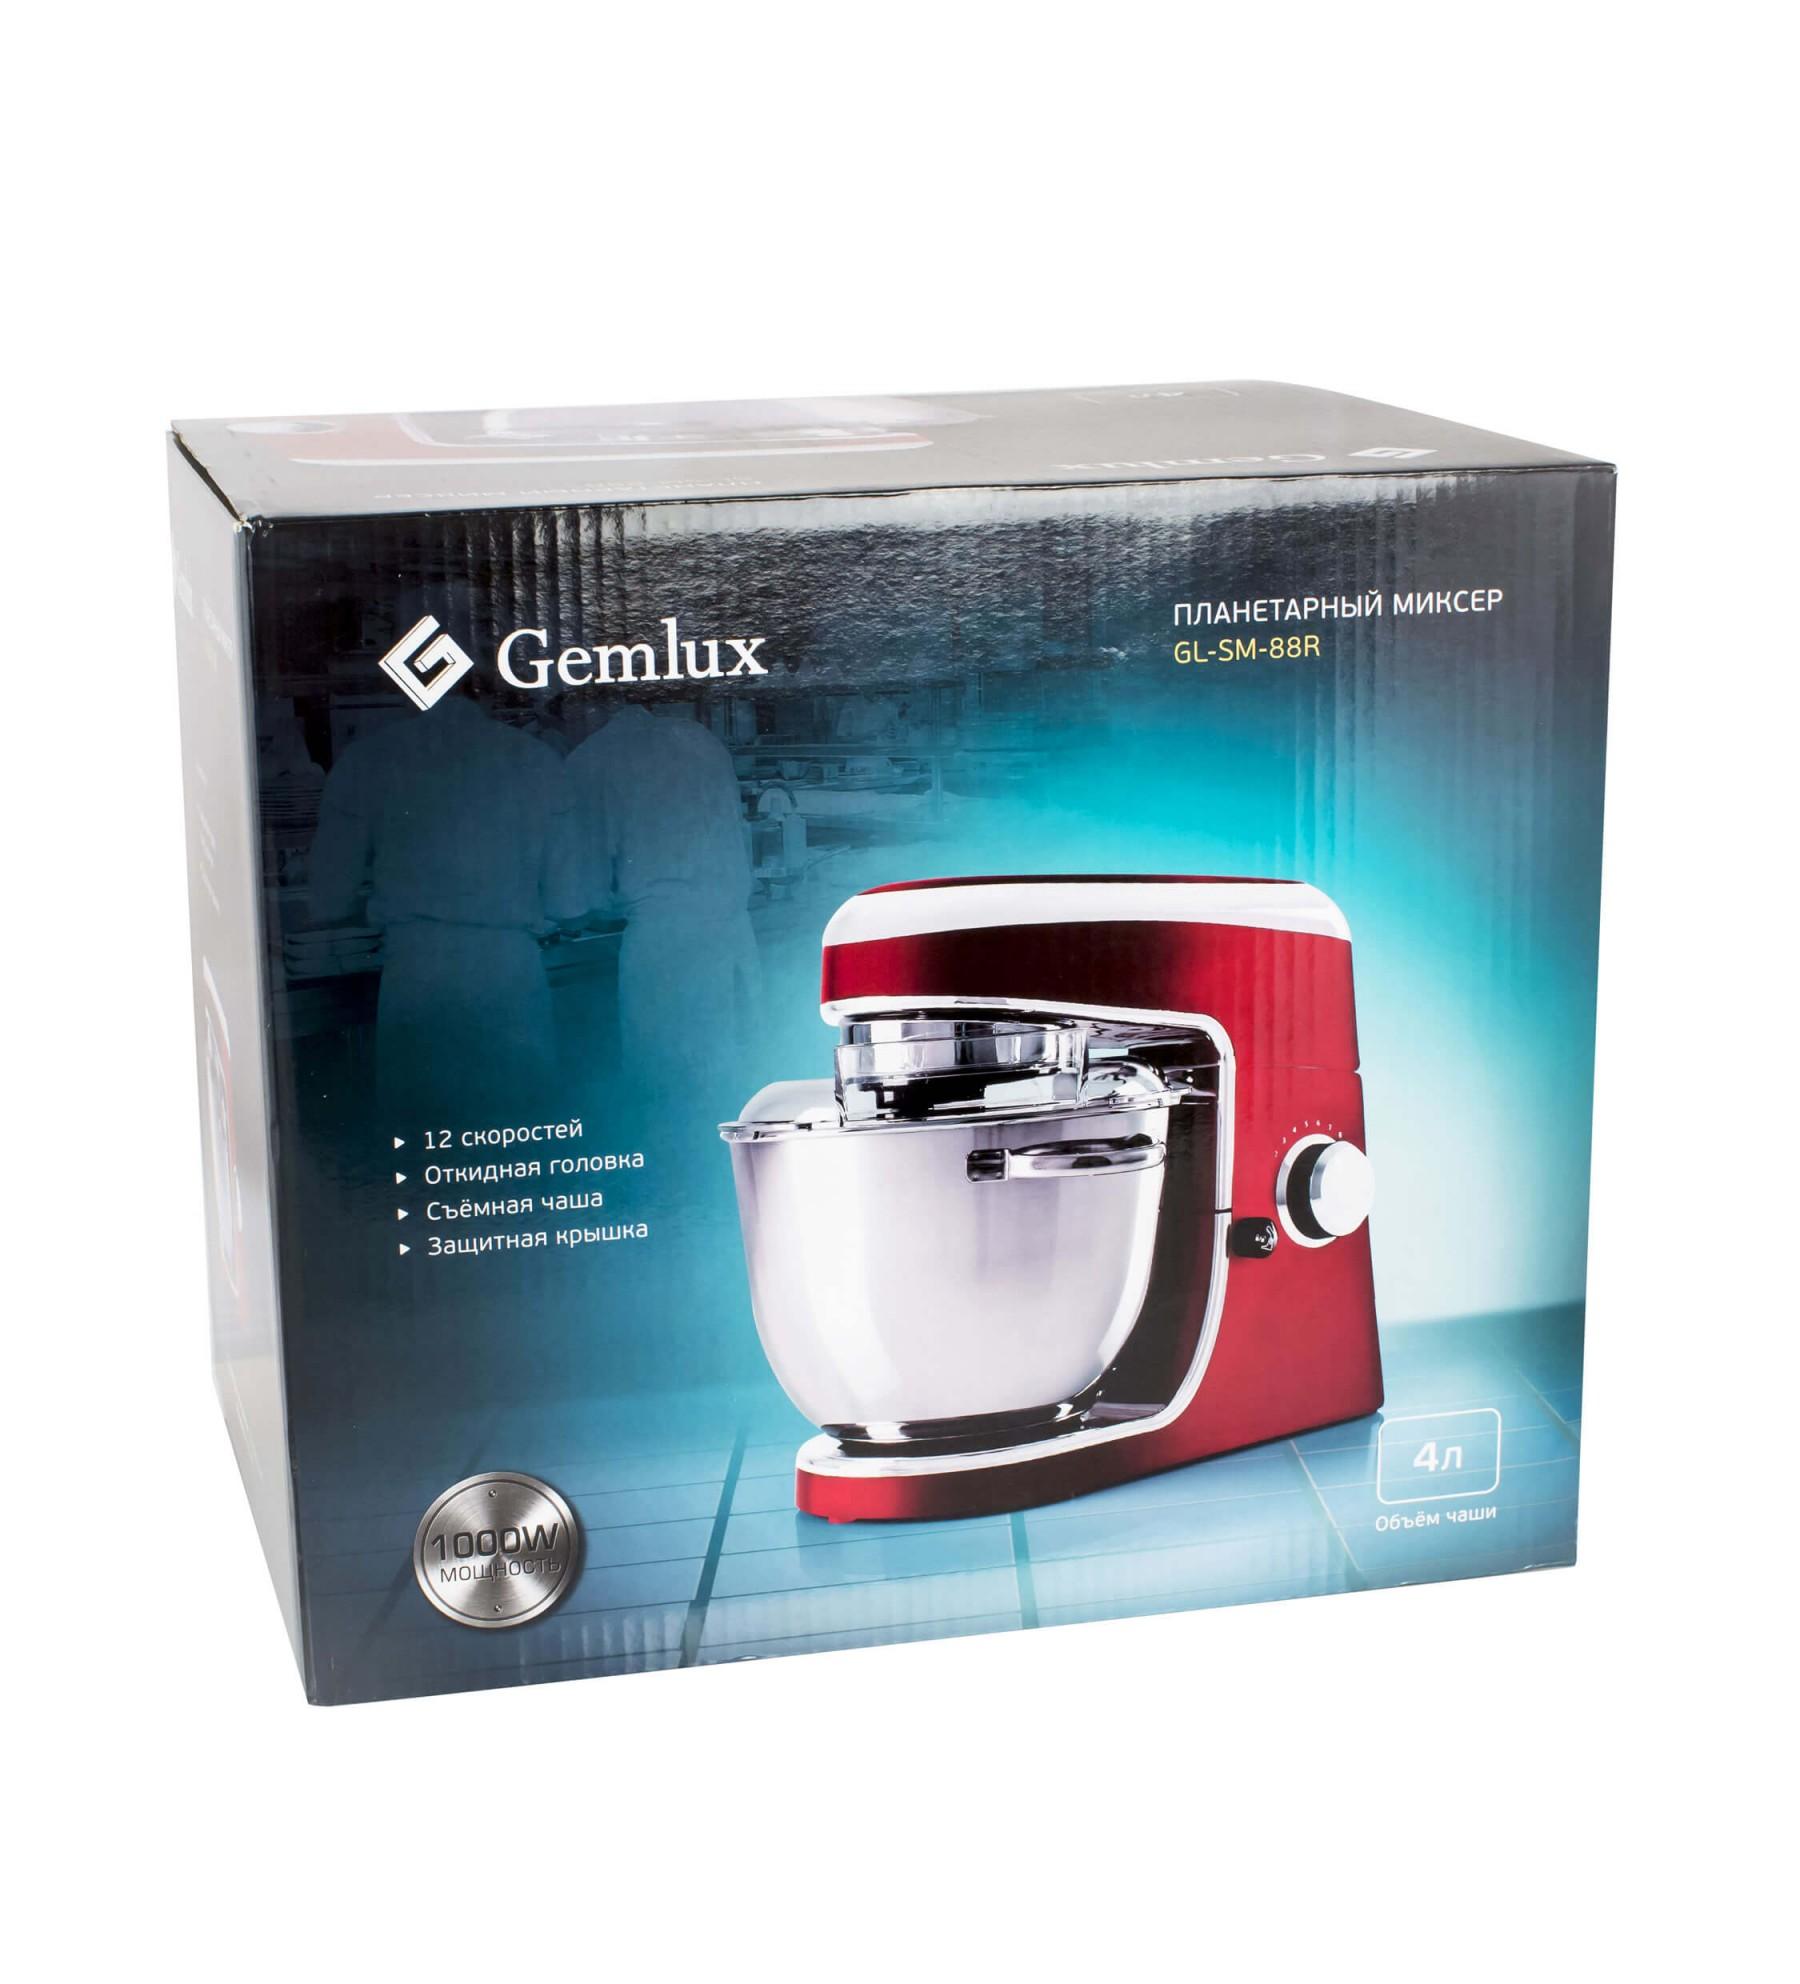 GEMLUX GL-SM-88R